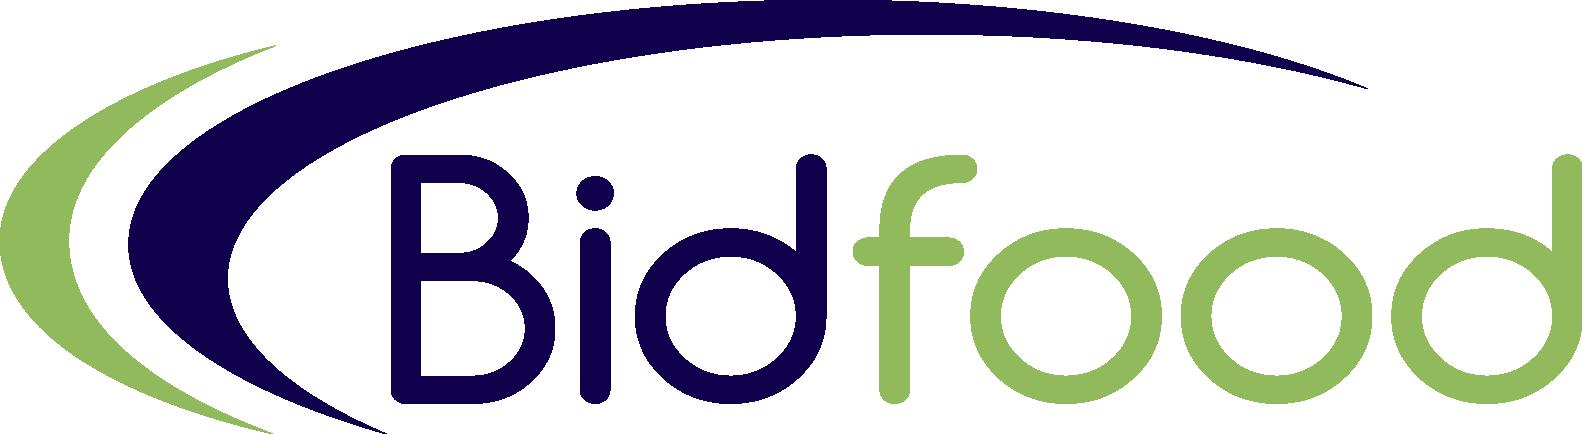 BIDFOOD RGB